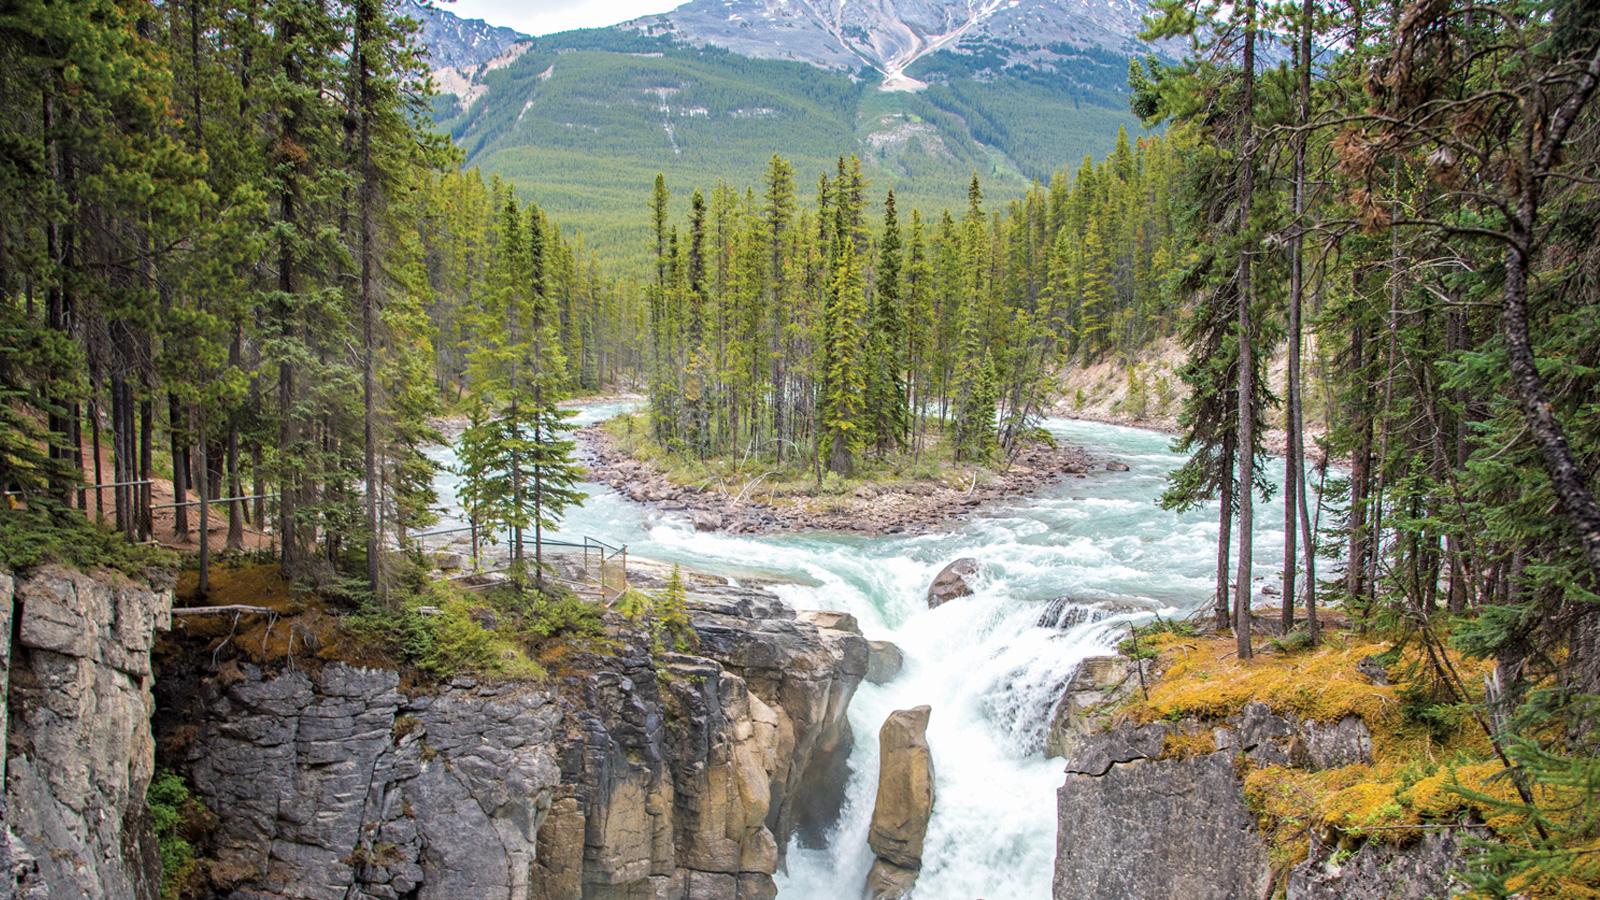 Kanada & die Rockies Rundreise mit Calgary Stampede Gruppenreise für junge Leute traveljunkies